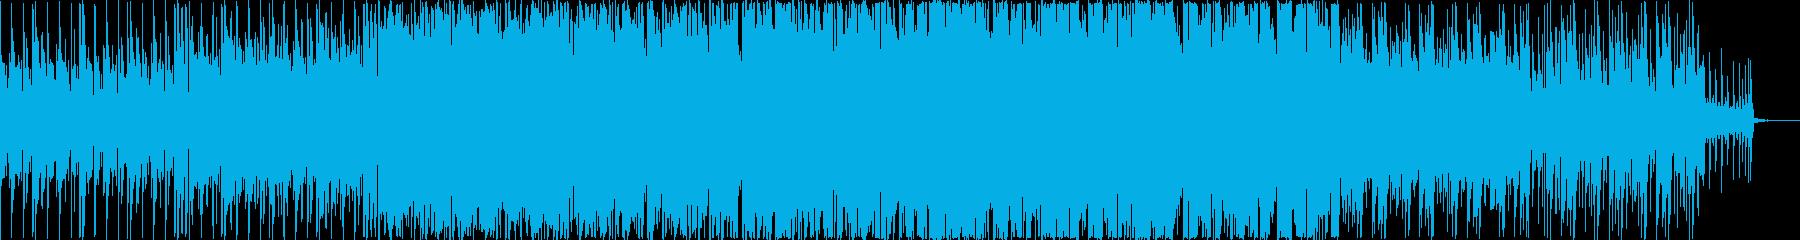 力強い Dubstep 未来 創造 登場の再生済みの波形